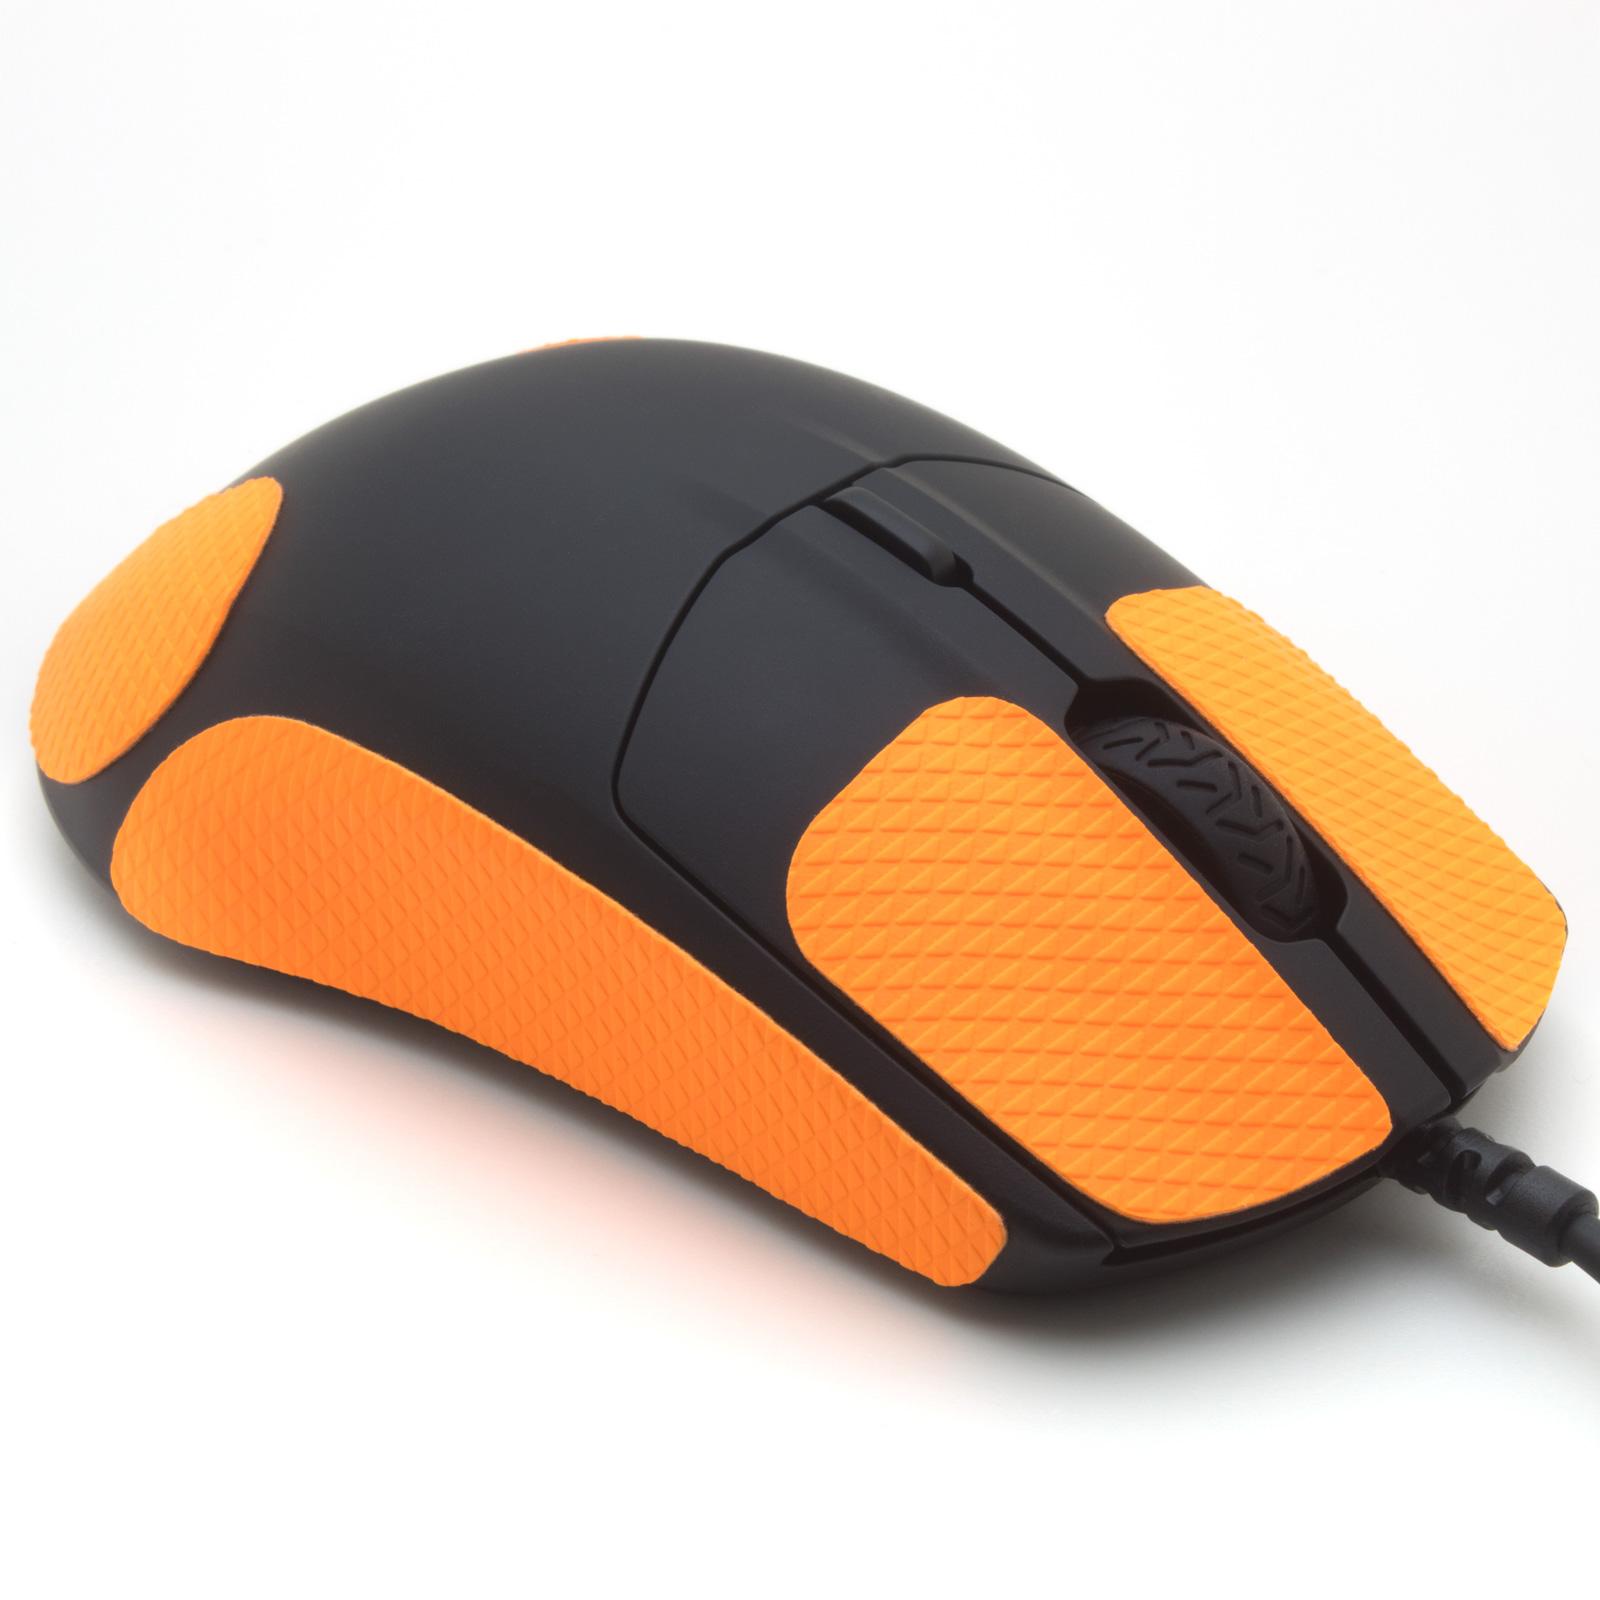 Grip pour souris SteelSeries Rival 3 de la marque TrueGrip - vue avant droit